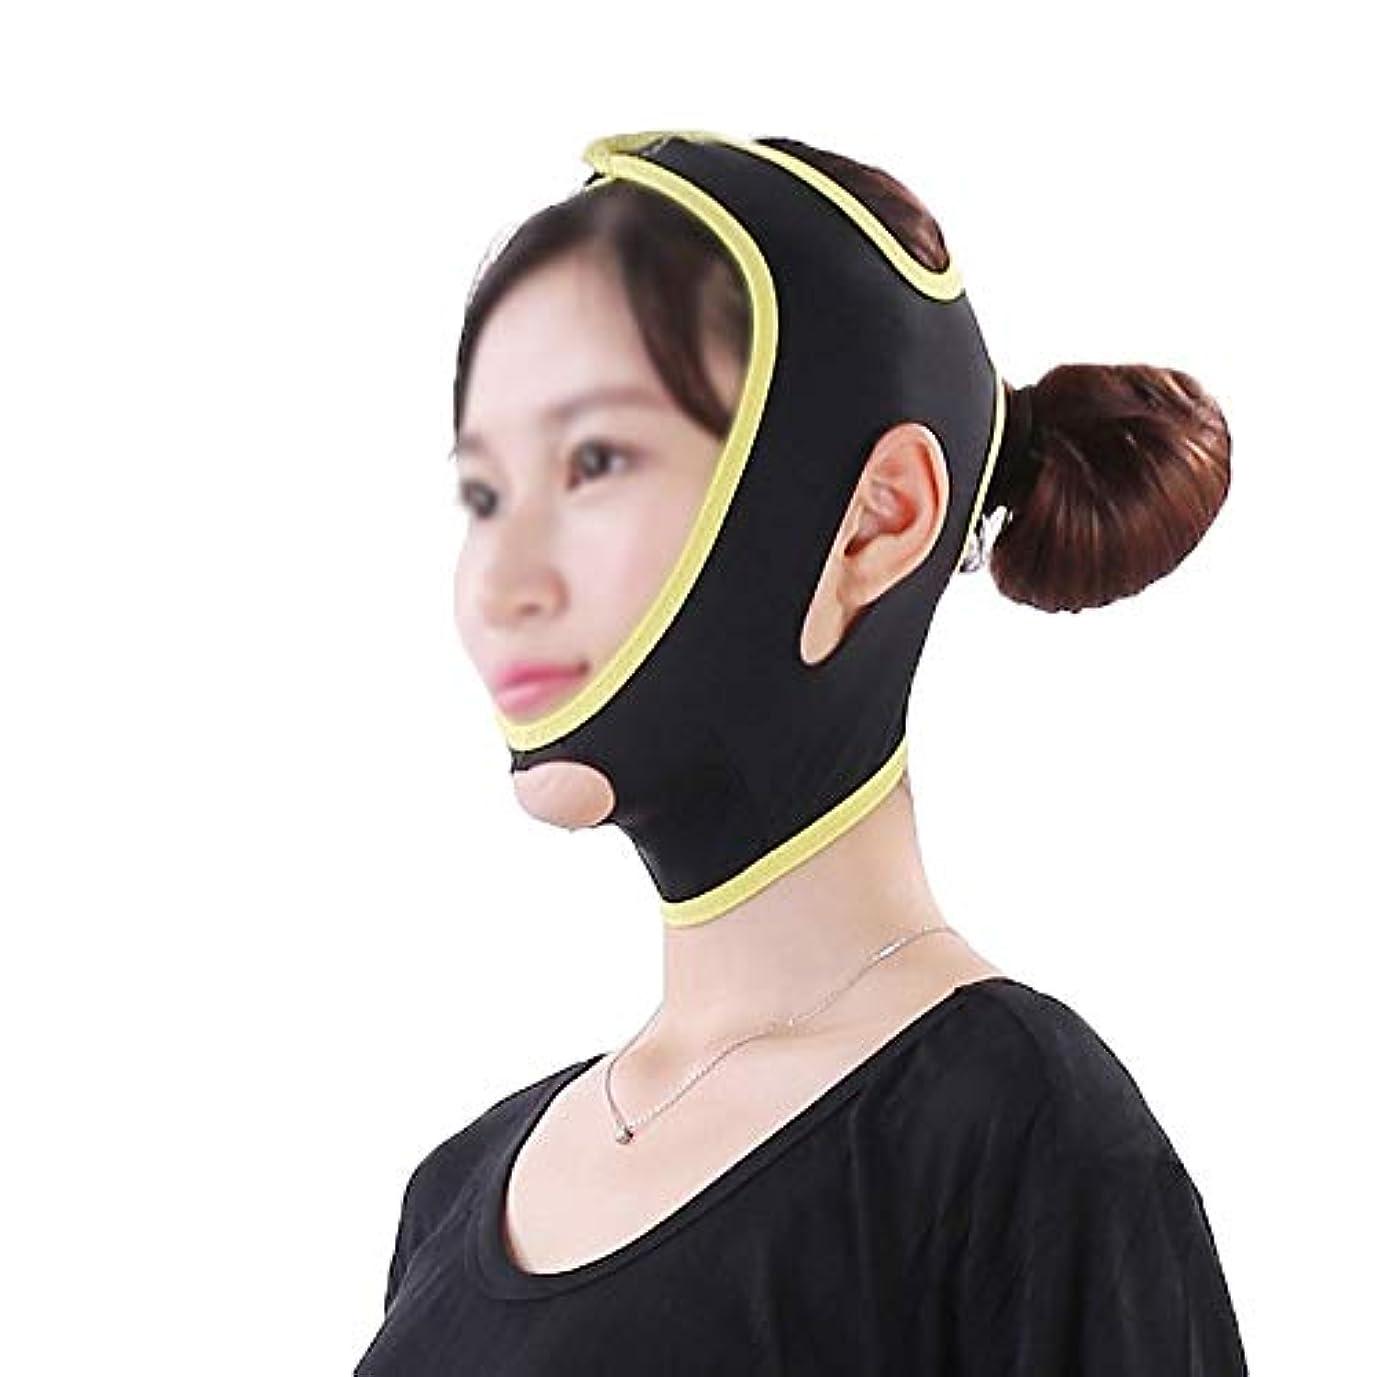 エレベーター動作アコーGLJJQMY フェイス&ネックリフトシンフェイスマスクパワフルマスクフェイスリフトアーチファクトフェイスリフトフェイスツールシンフェイス包帯シンフェイスマスク美容マスク 顔用整形マスク (Size : L)